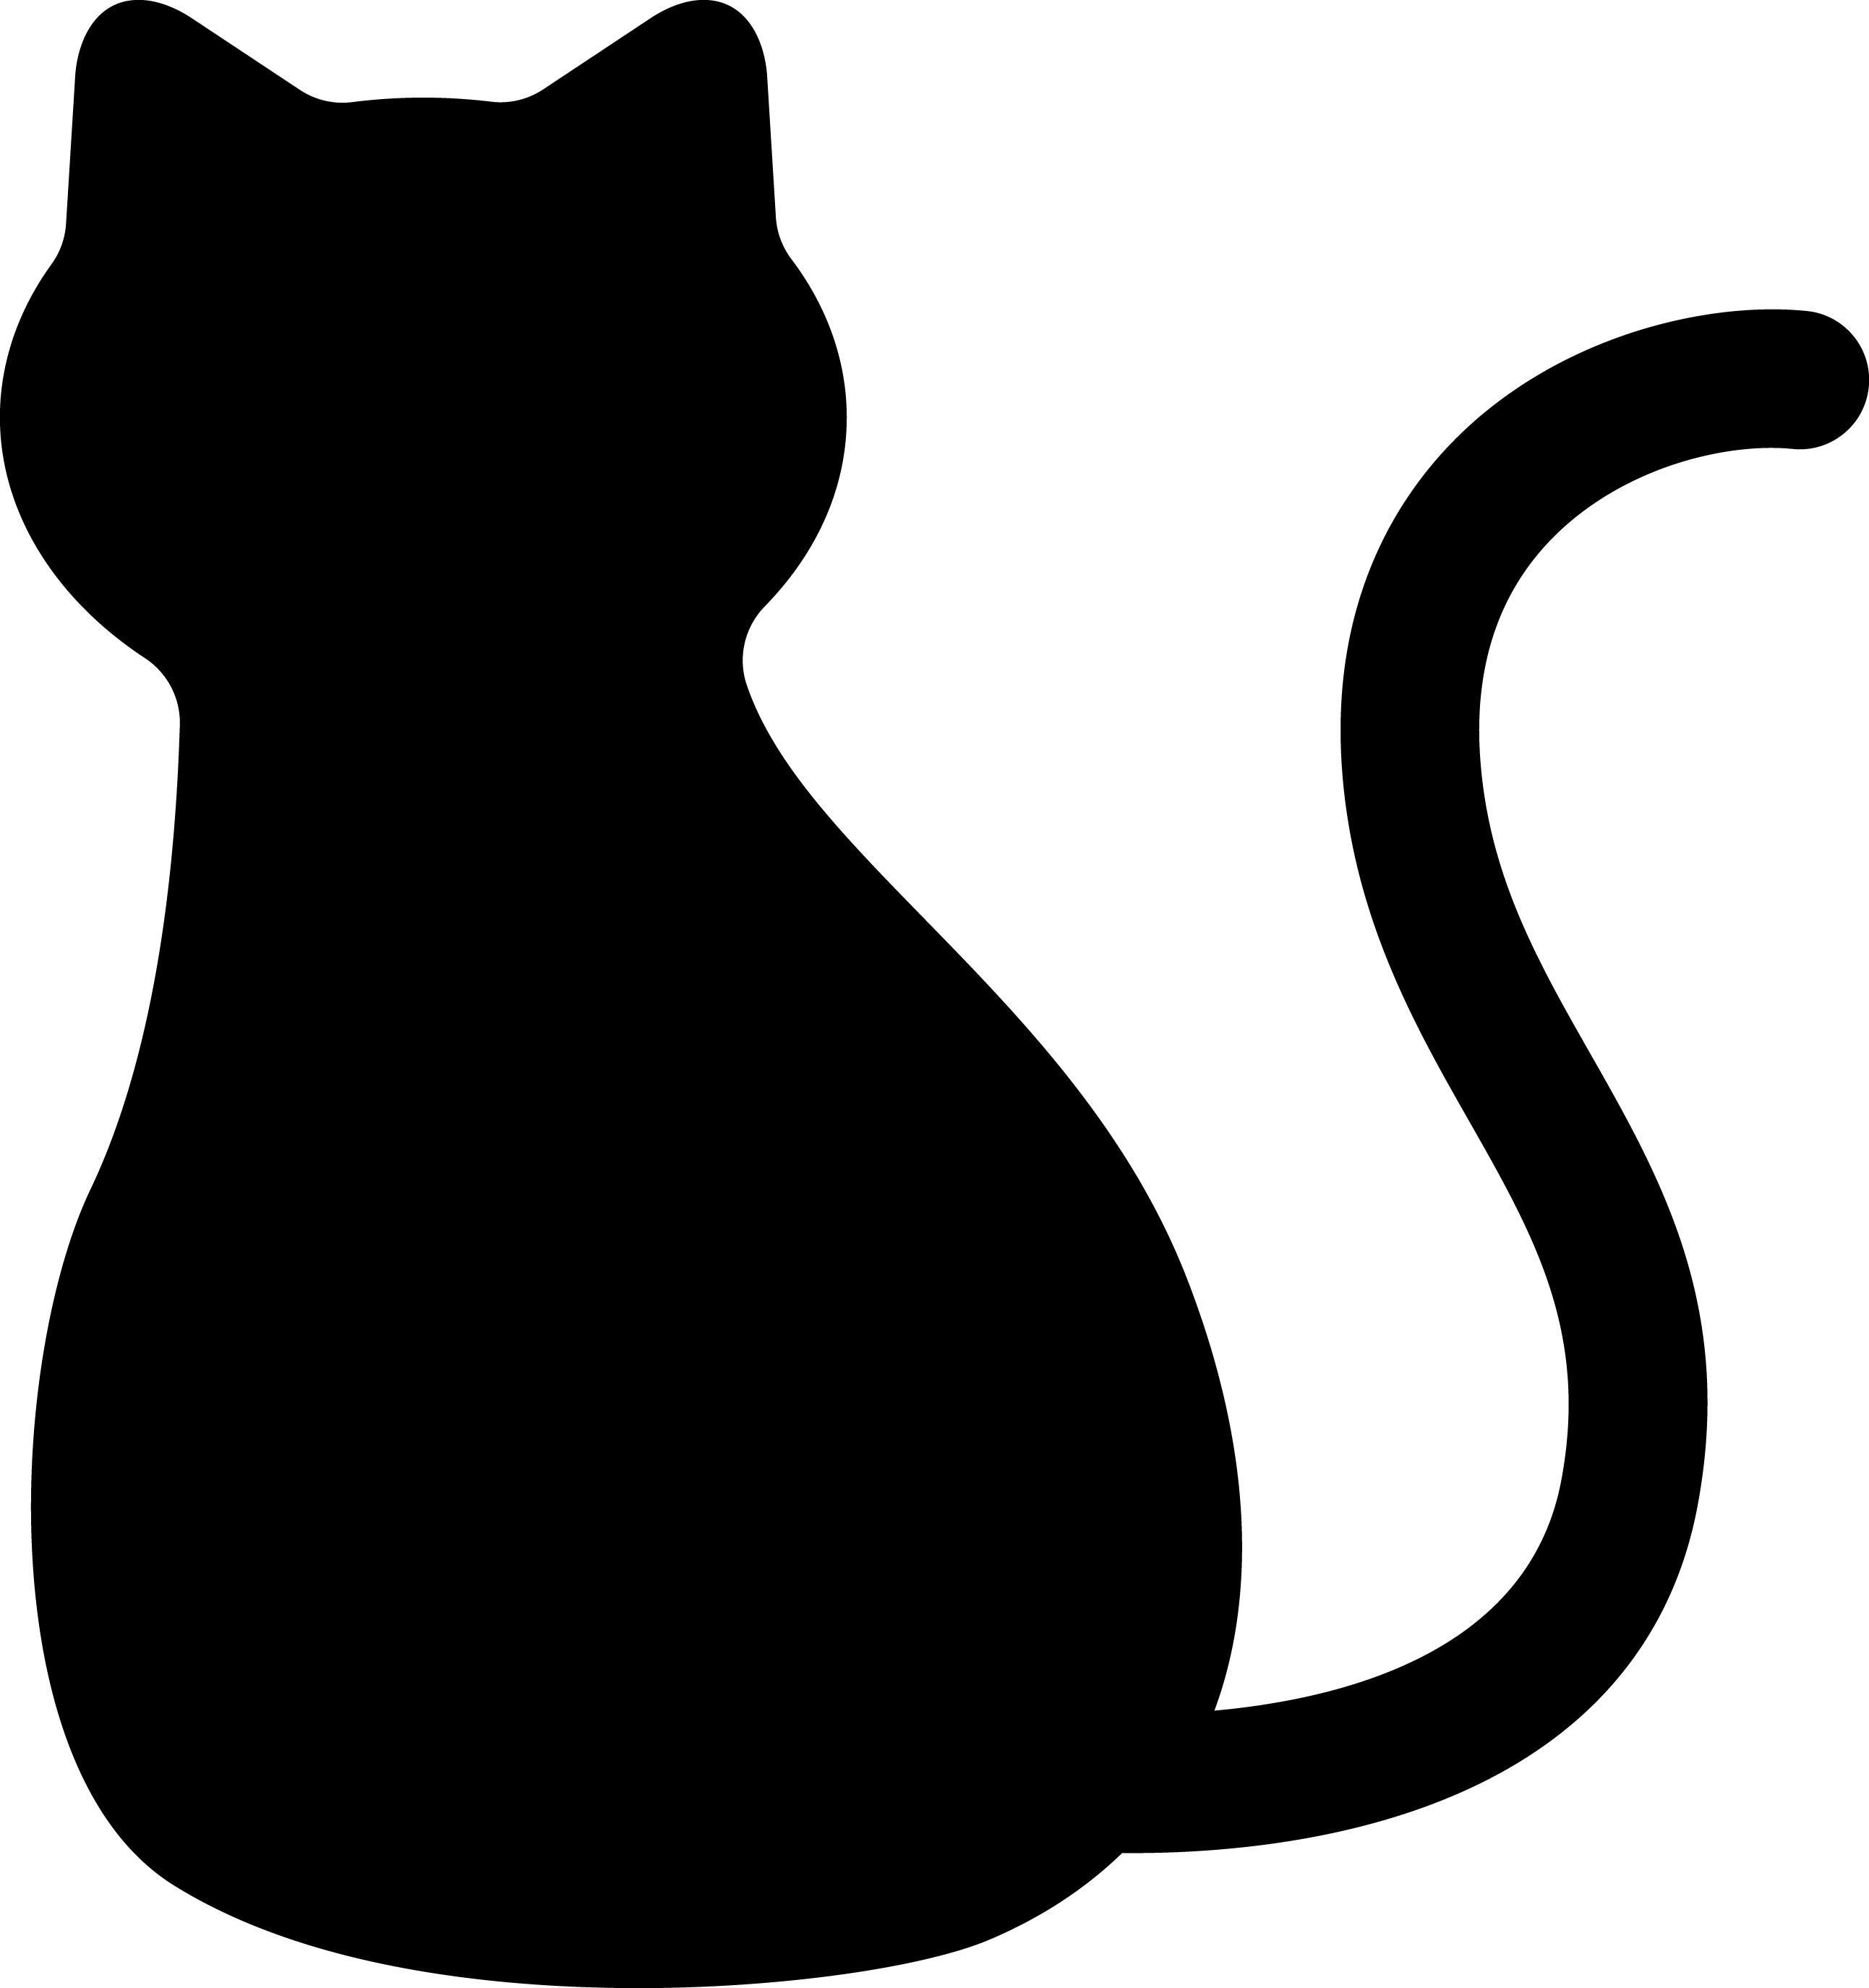 【オーディション中止】金田賢一演出・石川英郎ゲスト出演 朗読「文豪と猫たち2020」